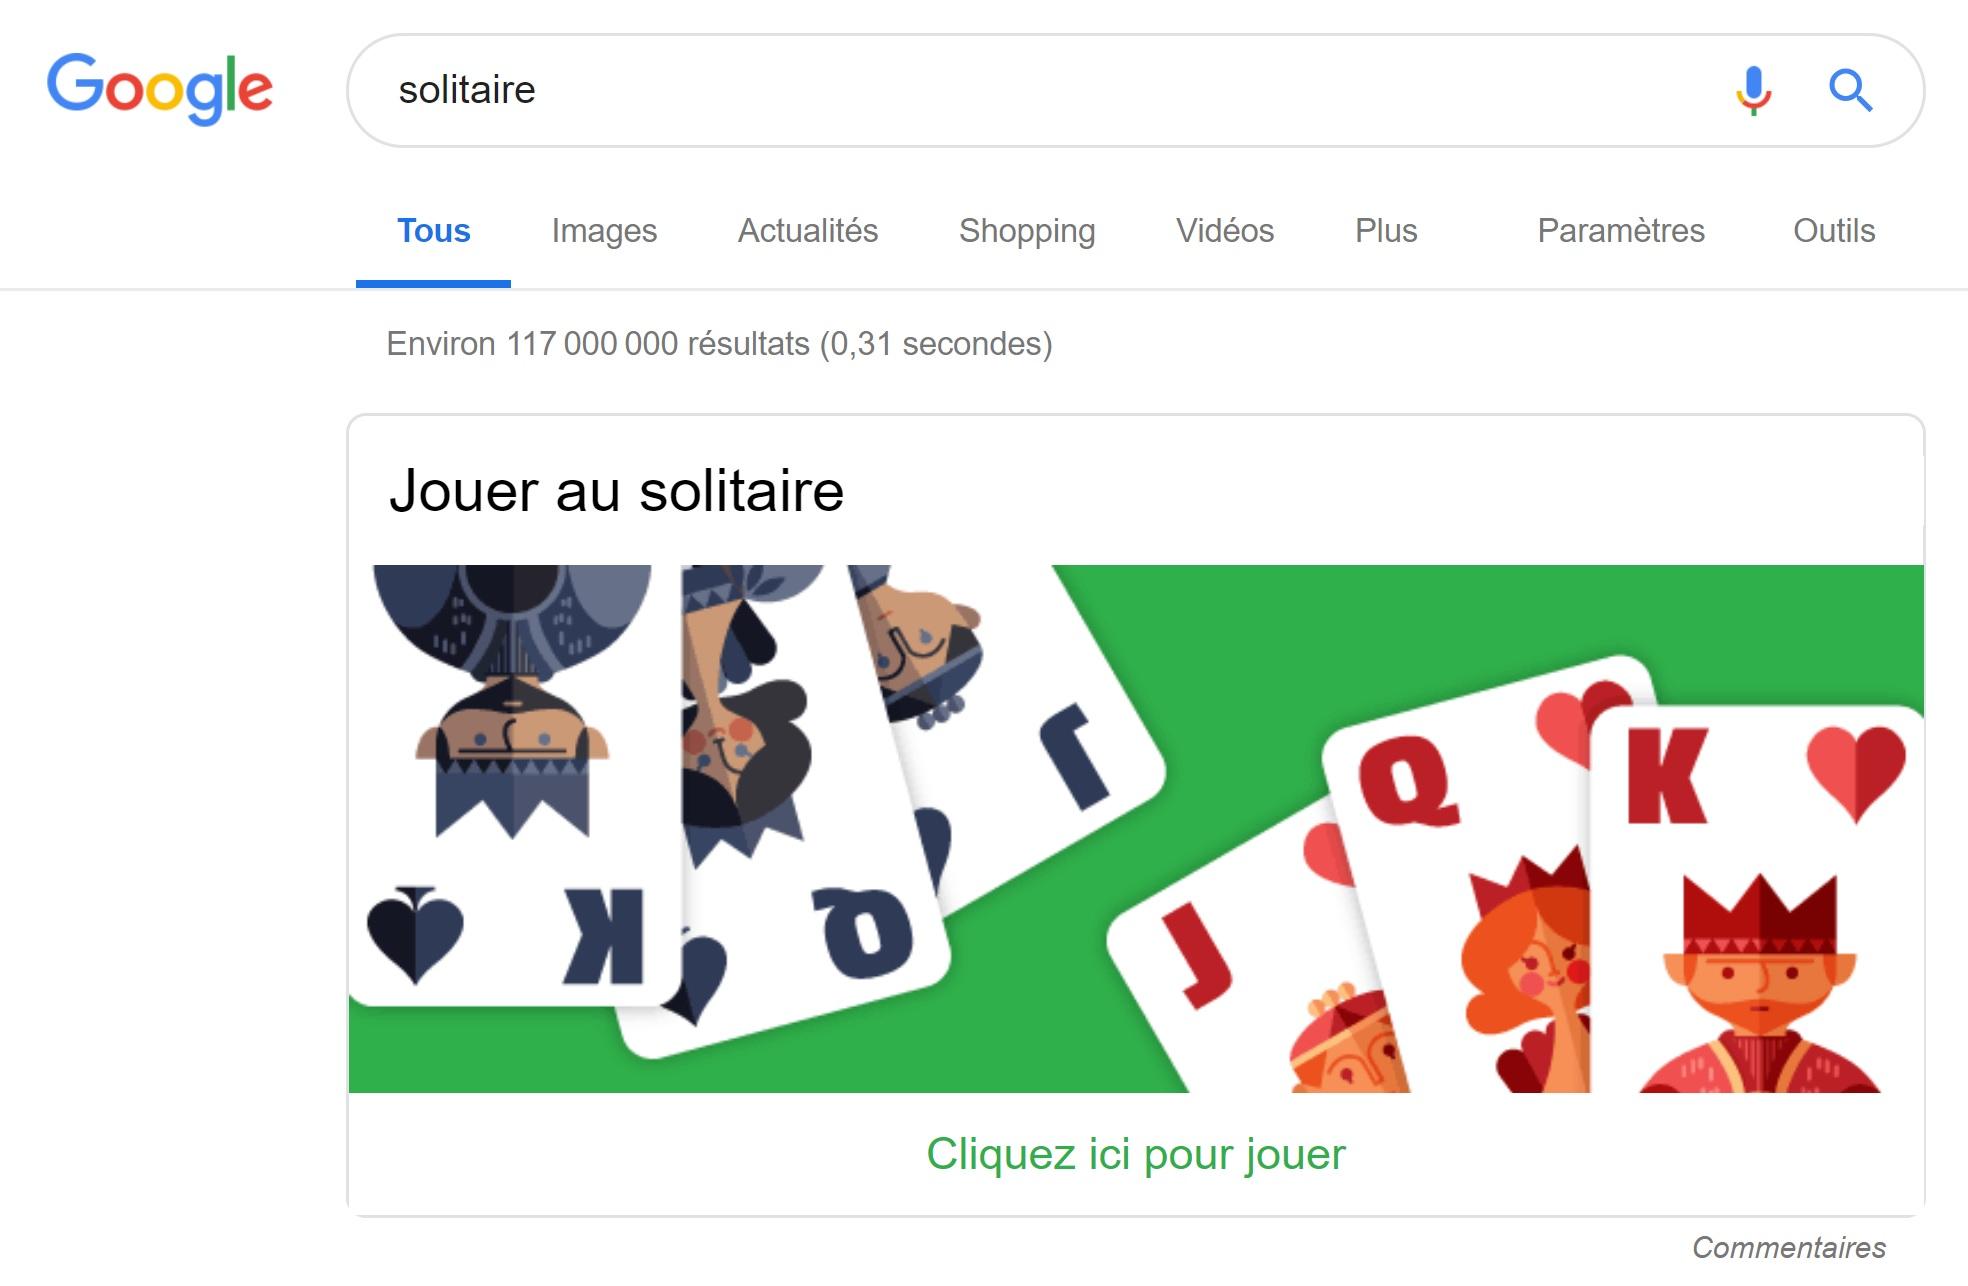 jeu de solitaire de Google